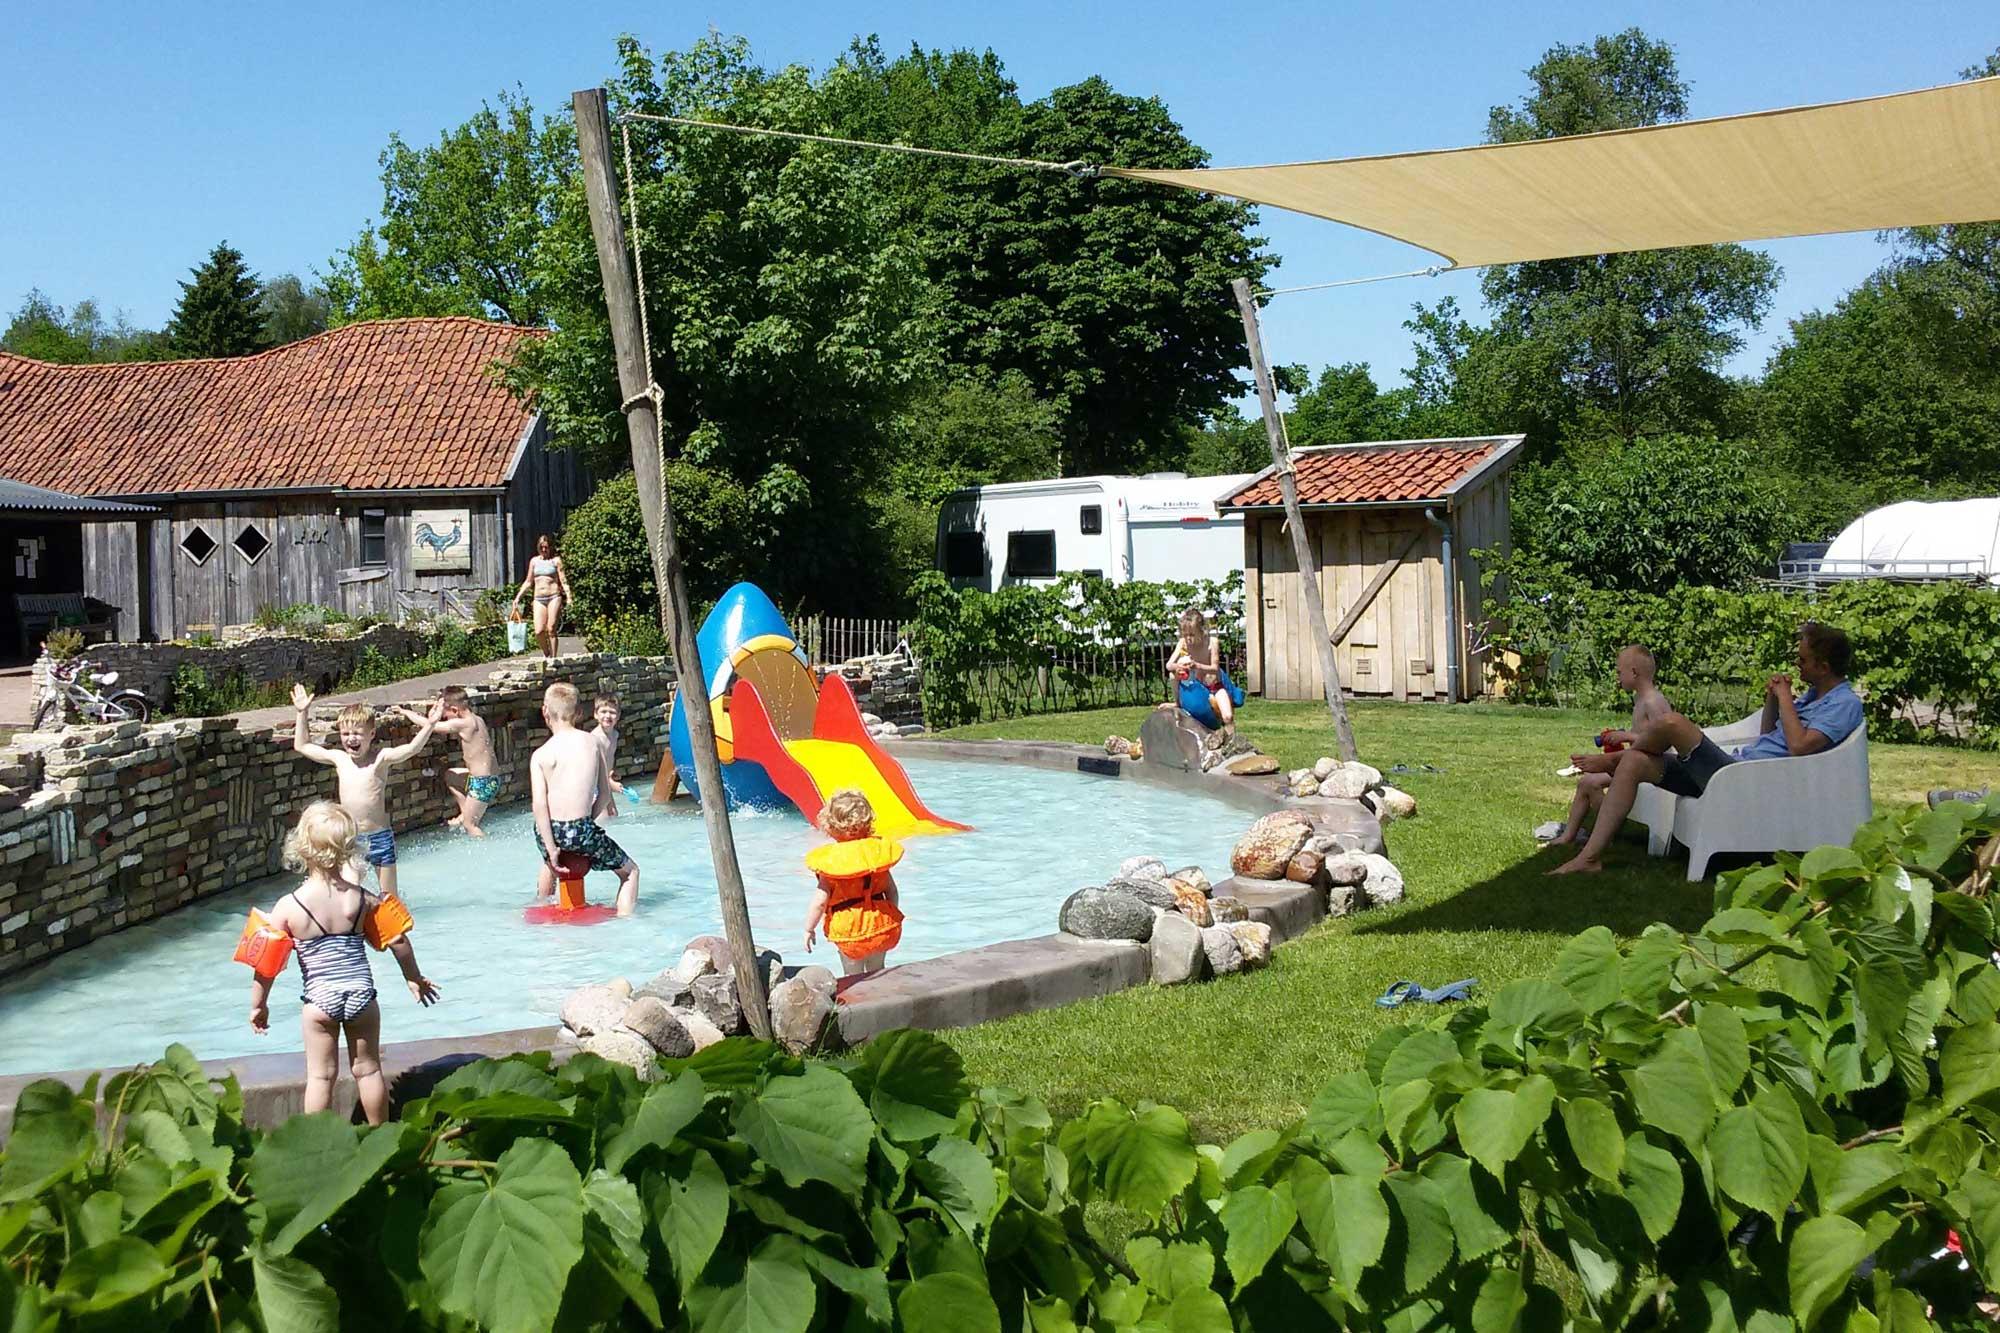 camping-met-zwembad-drenthe-blauwehaan